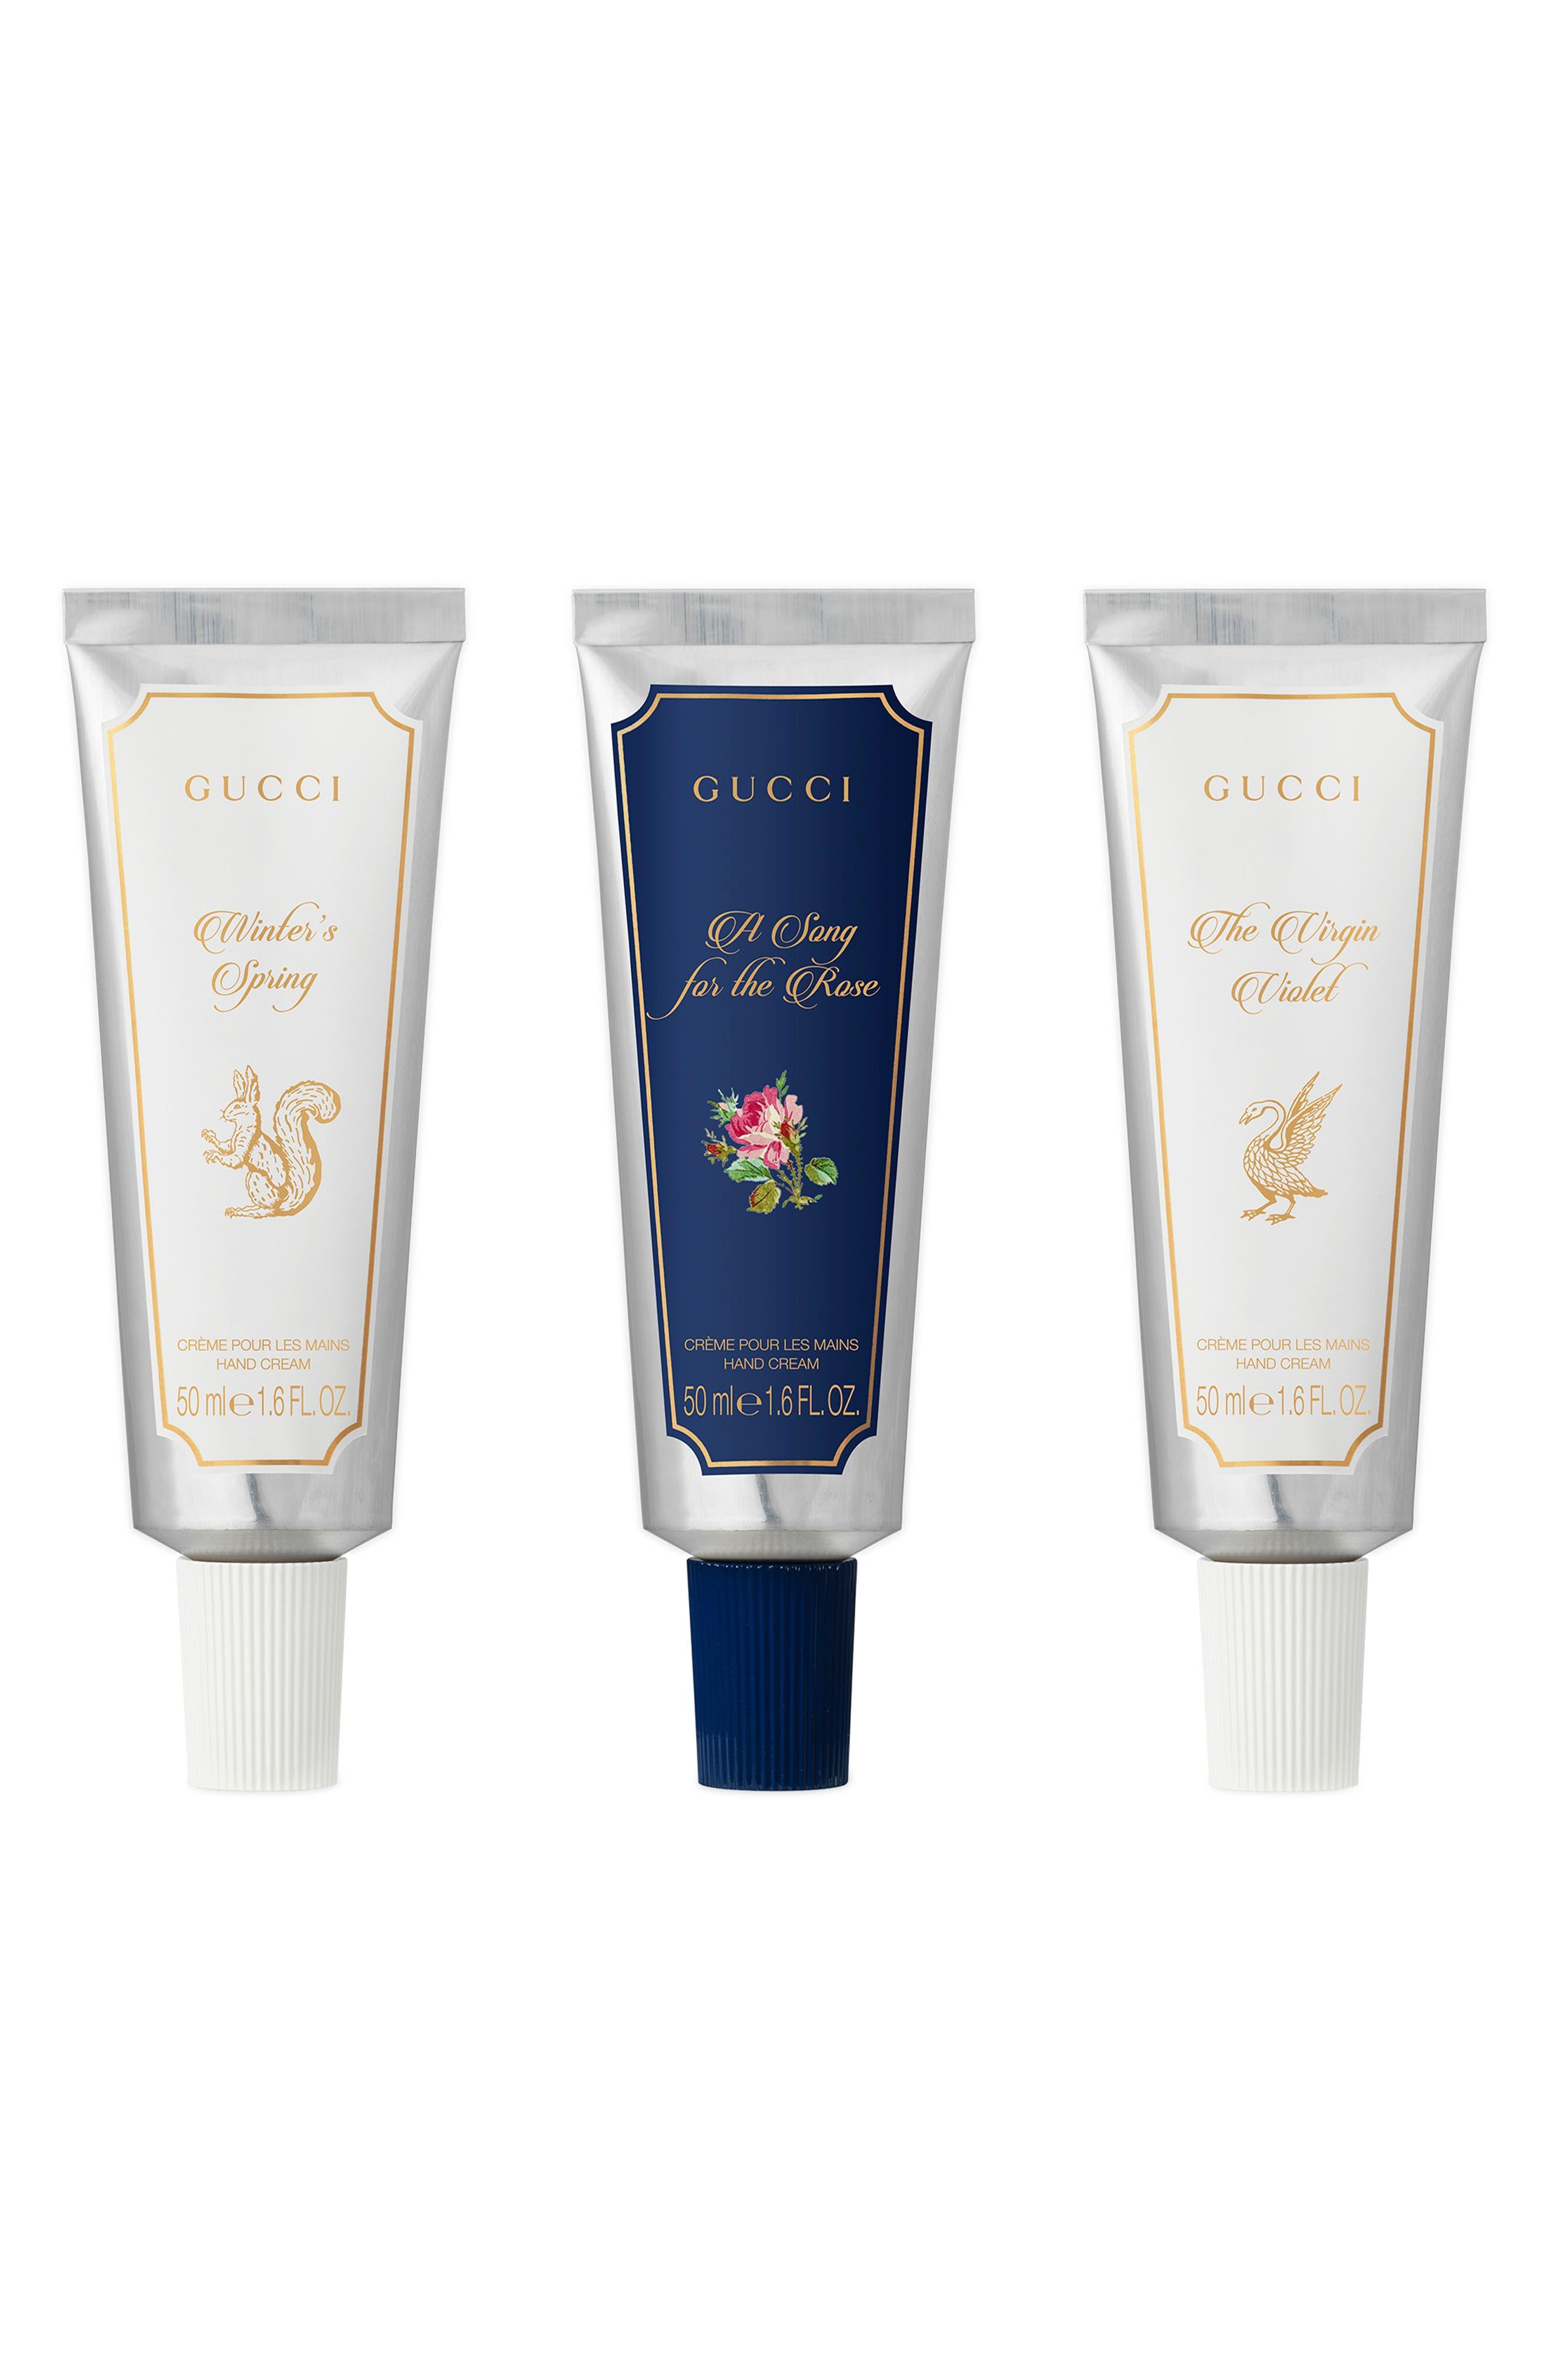 Gucci Alchemist Garden Hand Cream Set (Limited Edition), Size - One Size